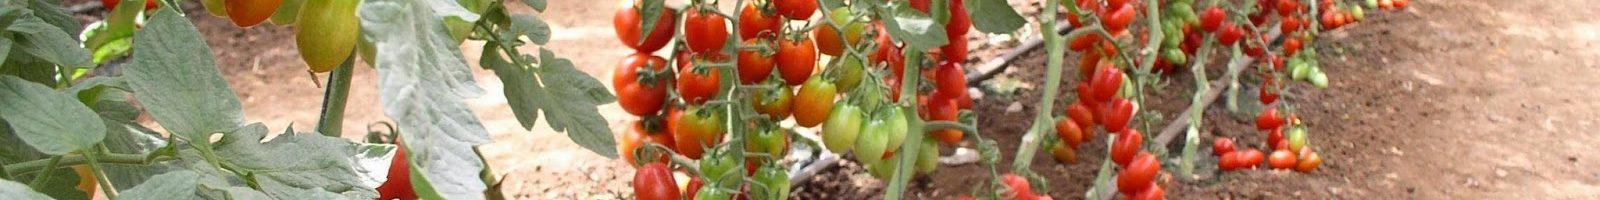 Рослина помідора, сформована в один стовбур